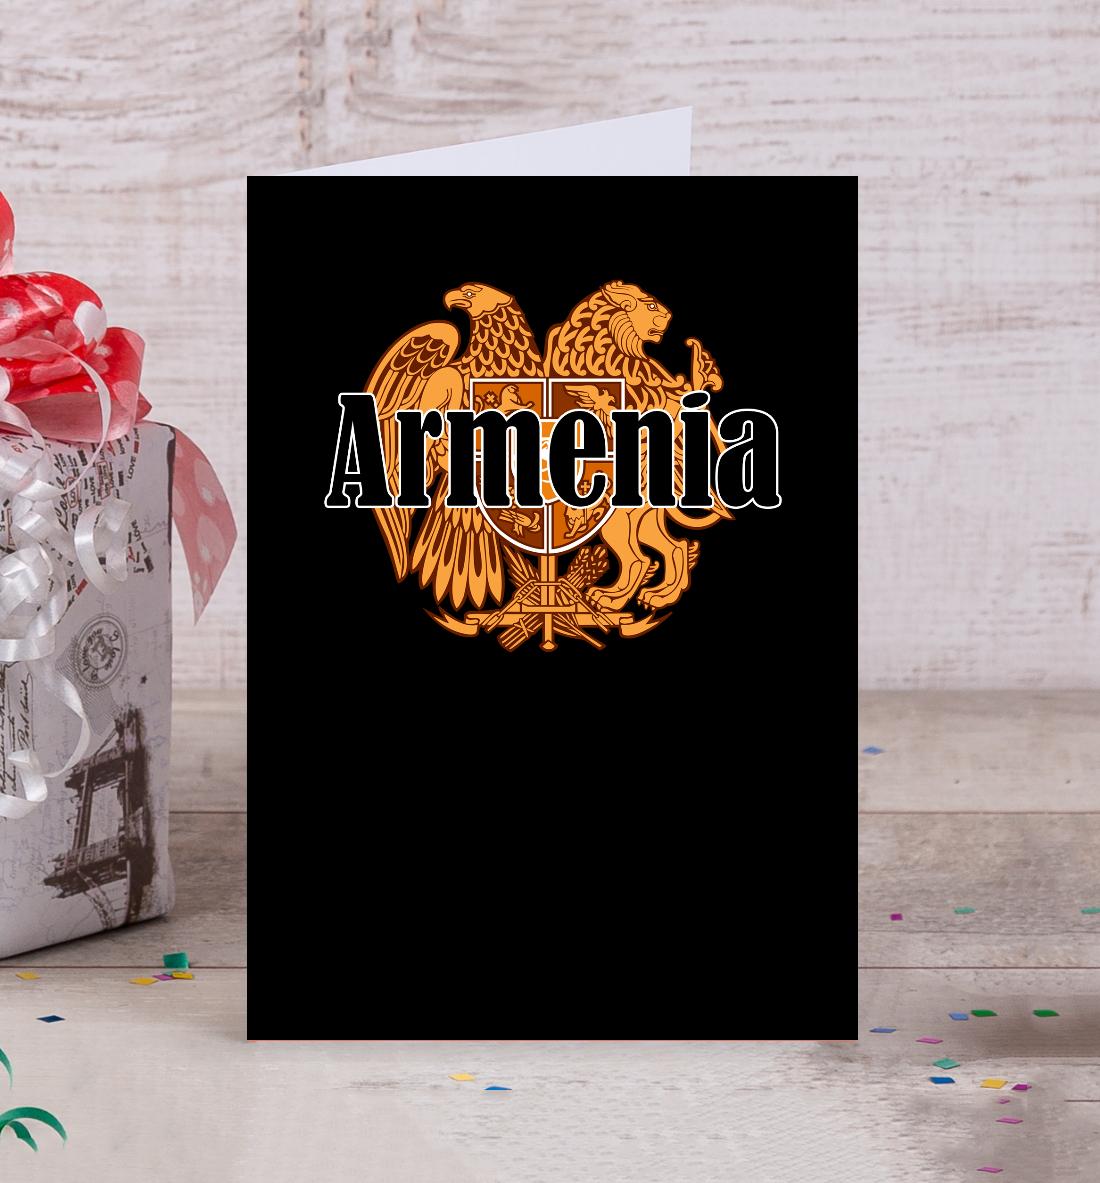 Открытки армения, пельмешек